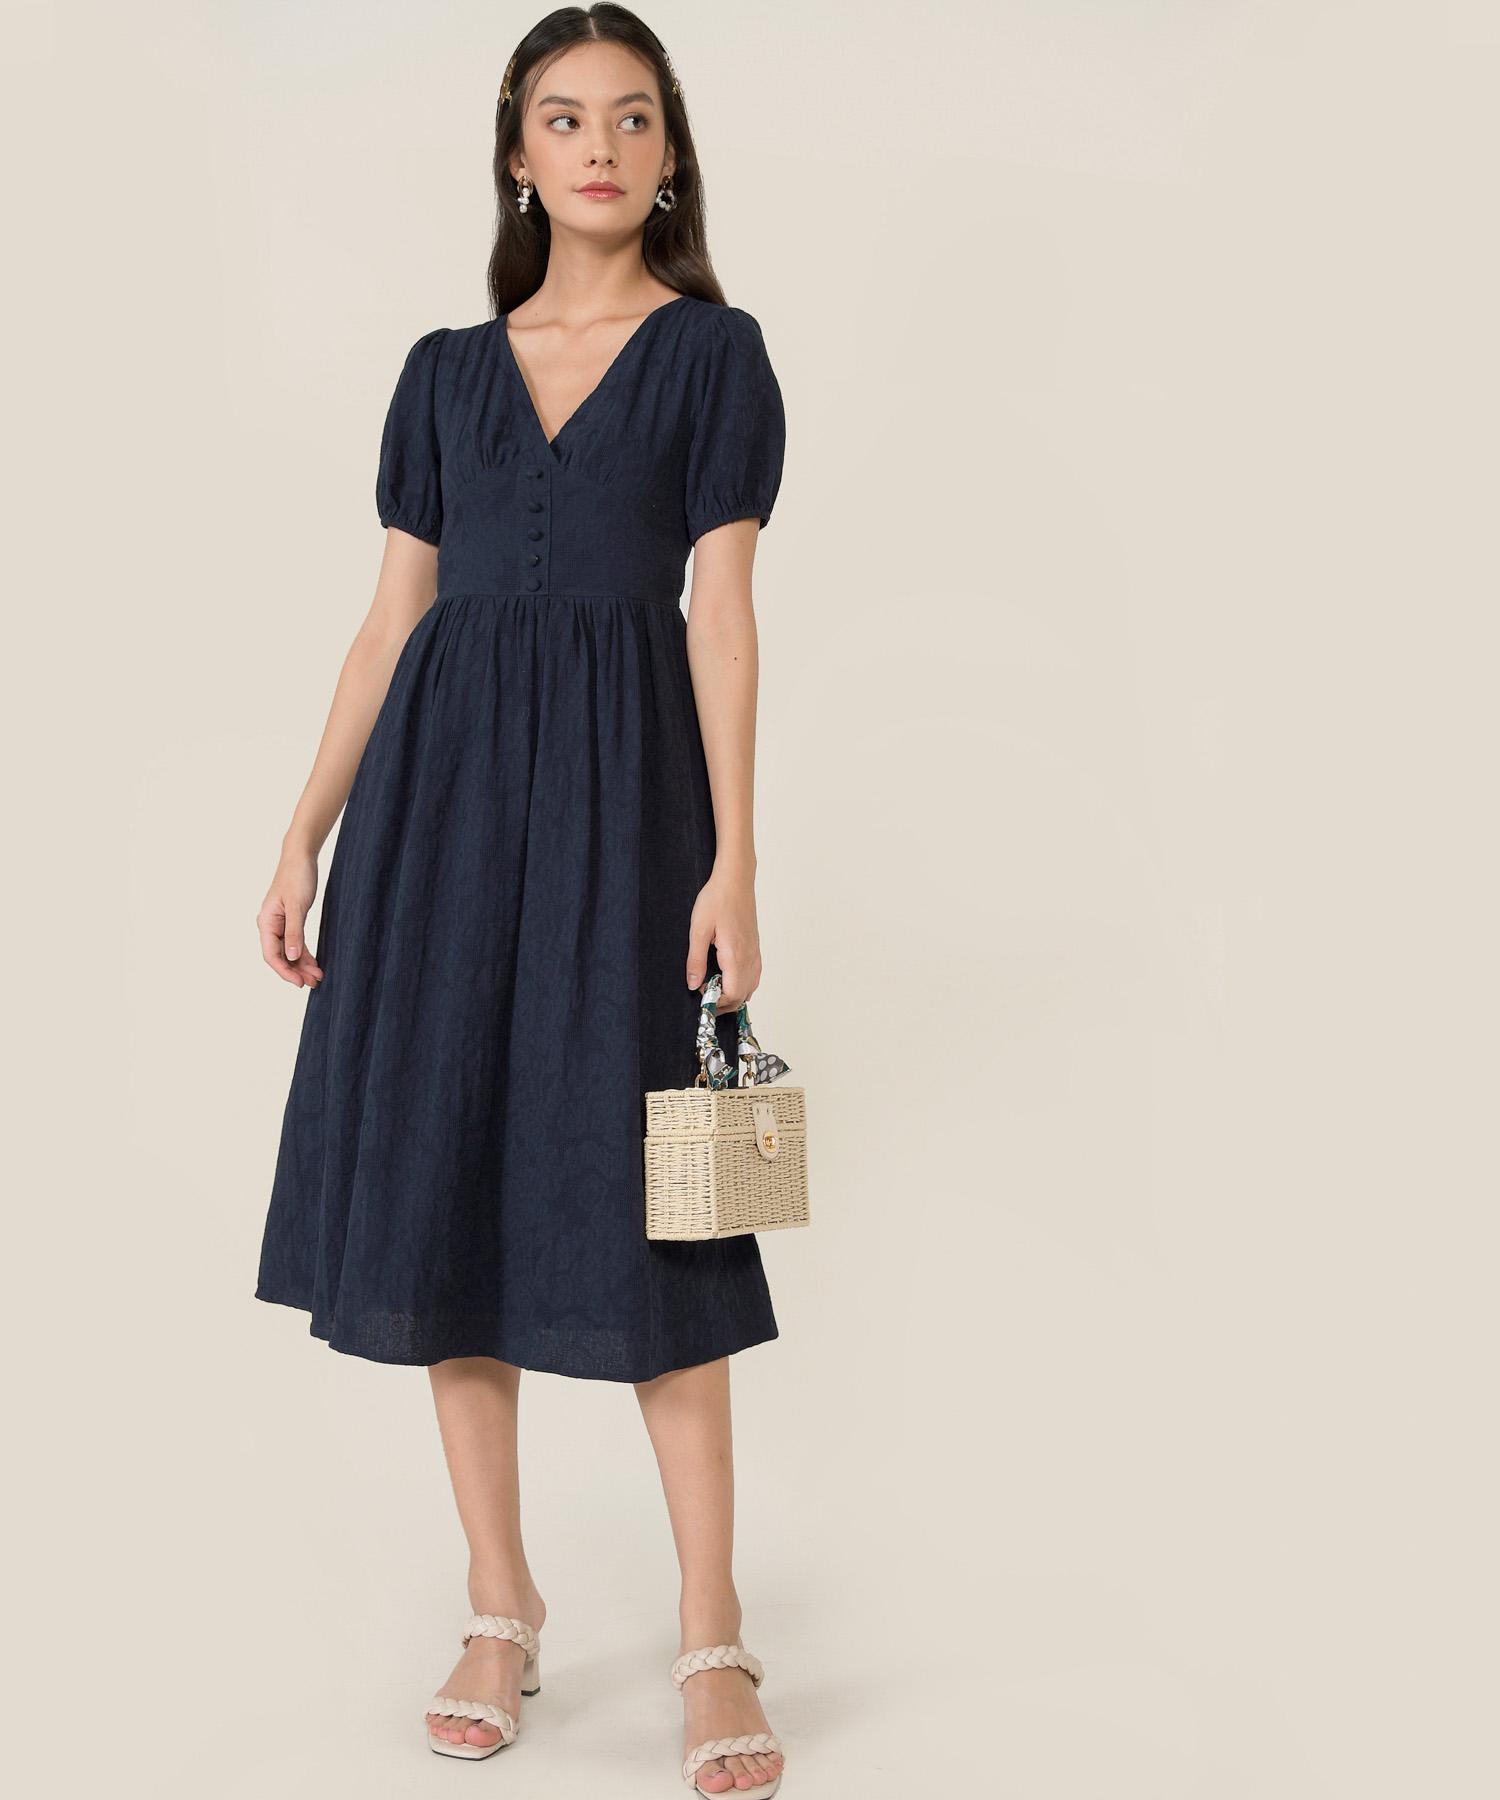 lillet-textured-midi-dress-midnight-blue-1